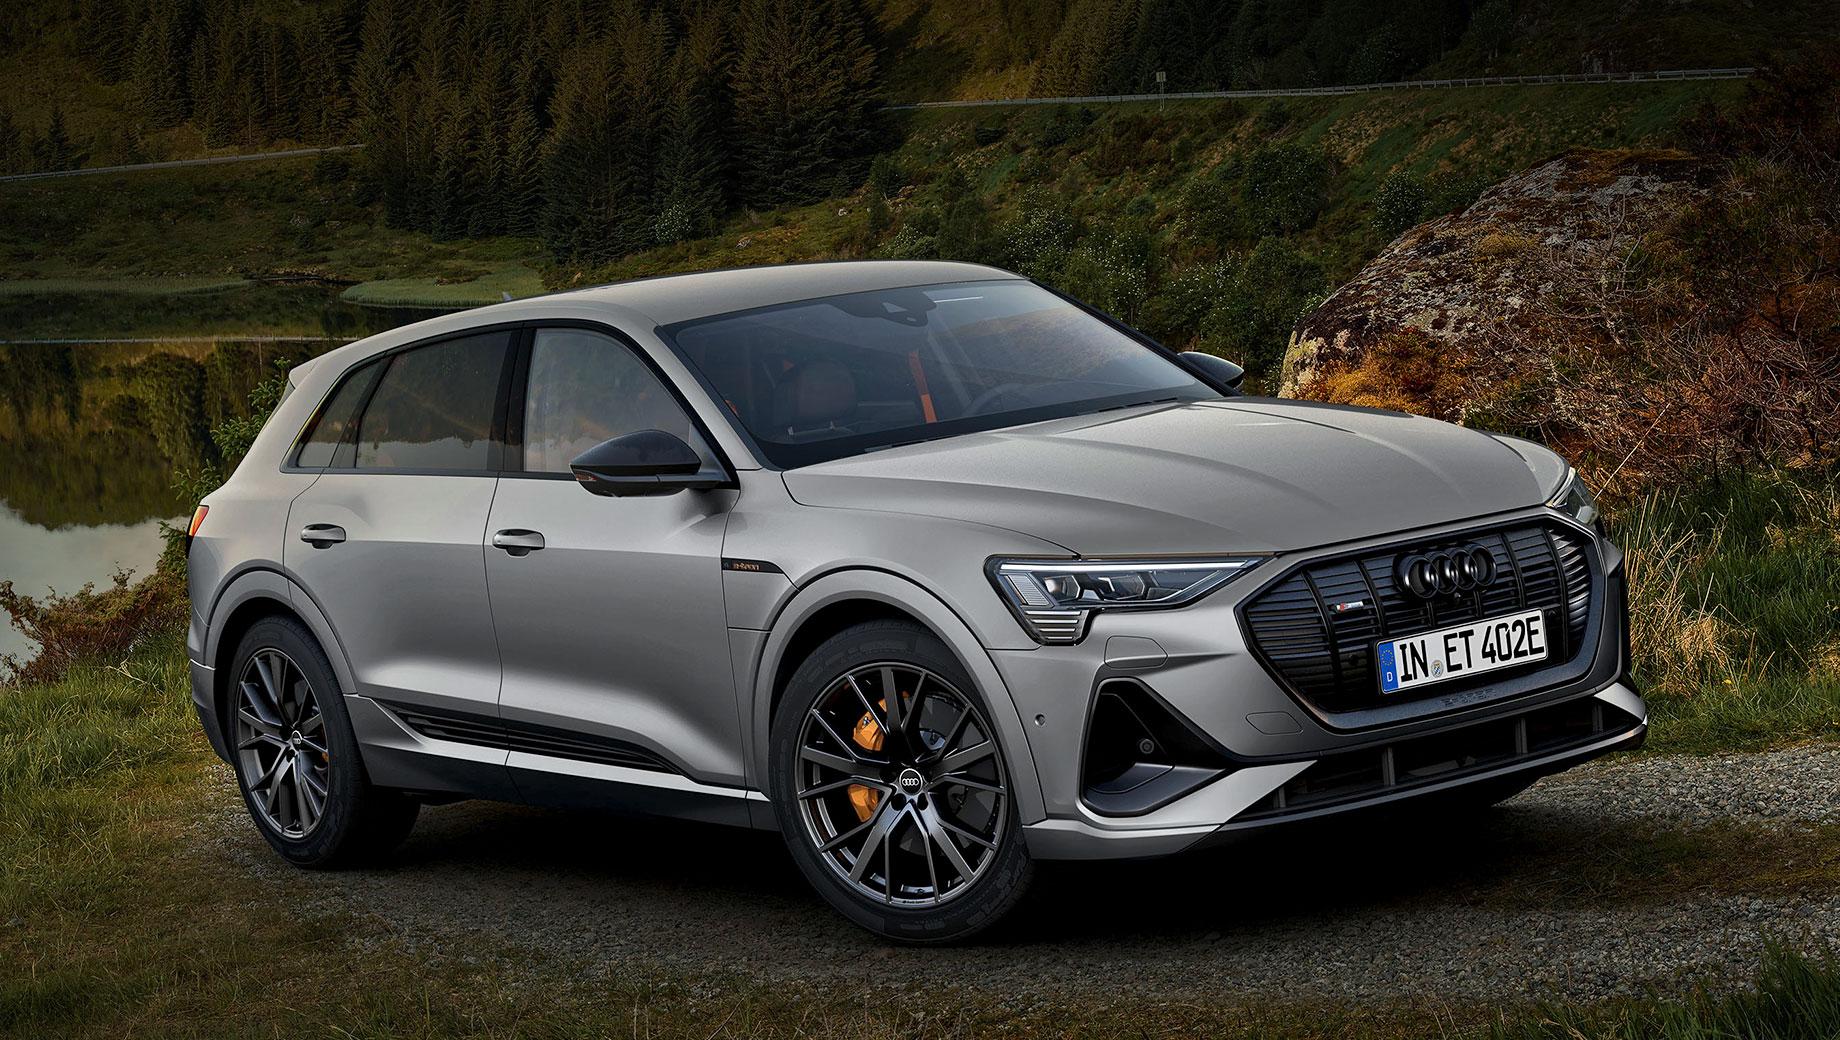 Семейство Audi e-tron почернело в версии S line black edition